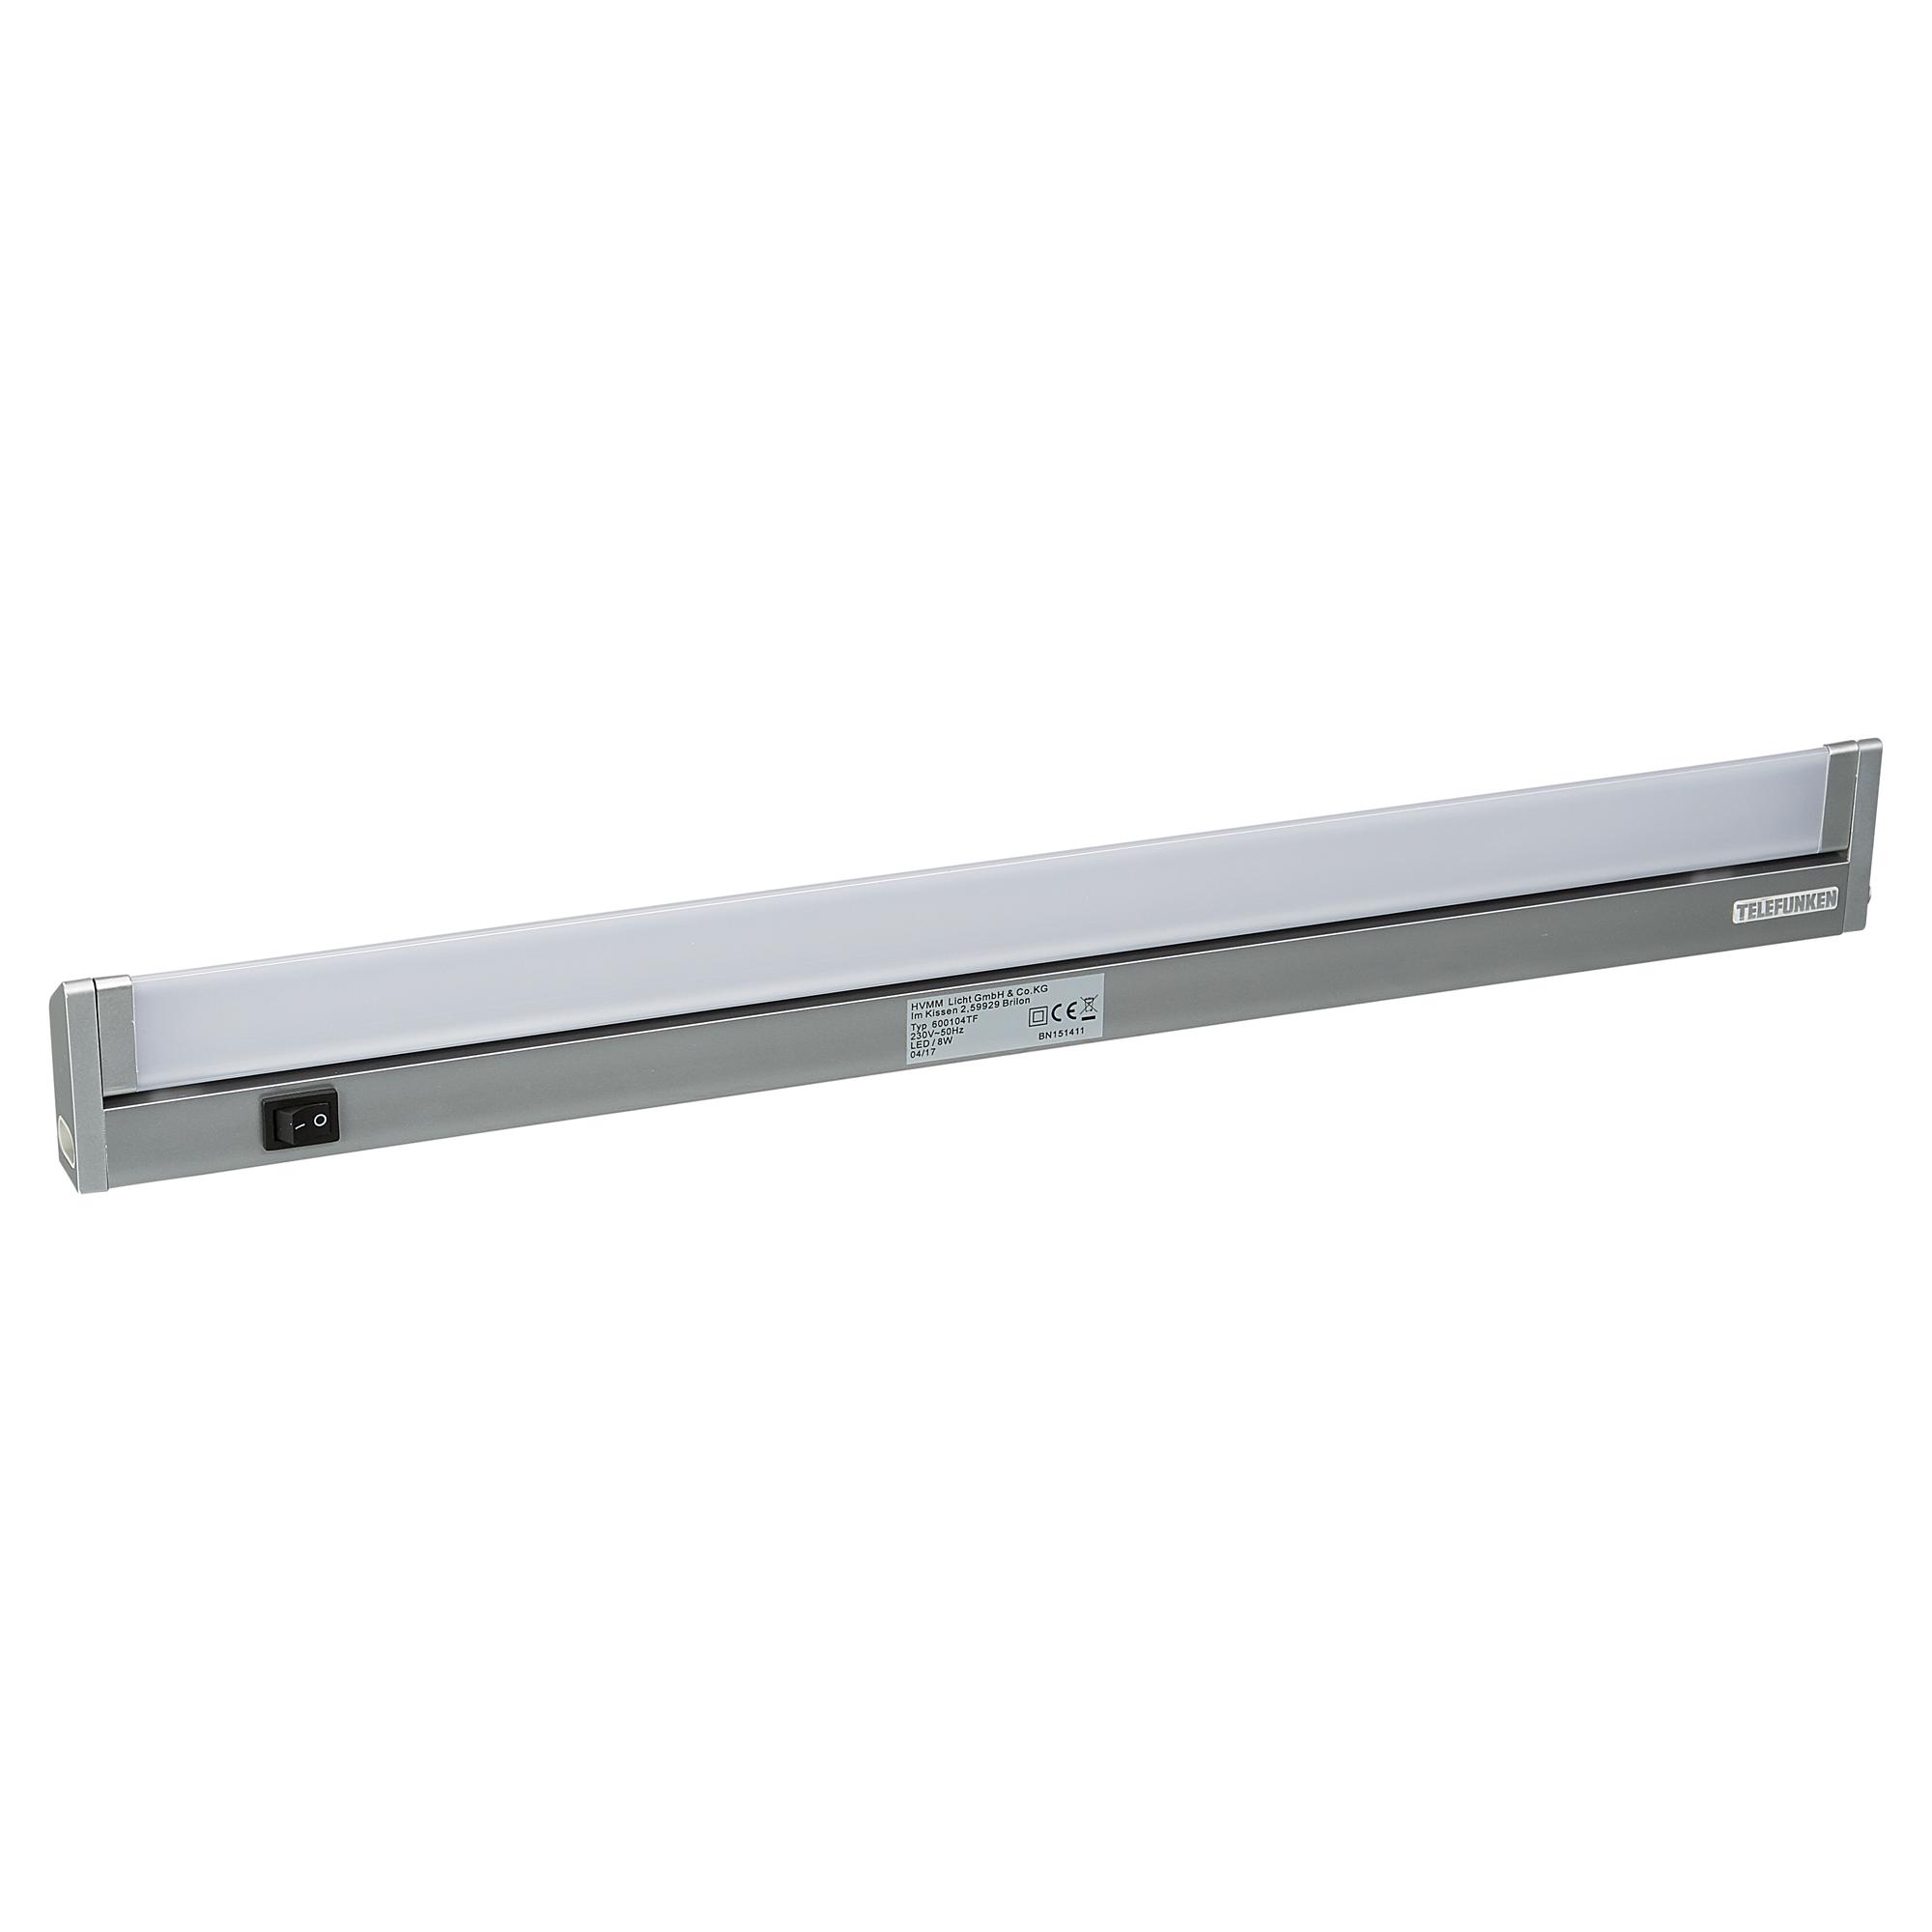 LED-Unterbauleuchte für Küche, Garage und Hobby